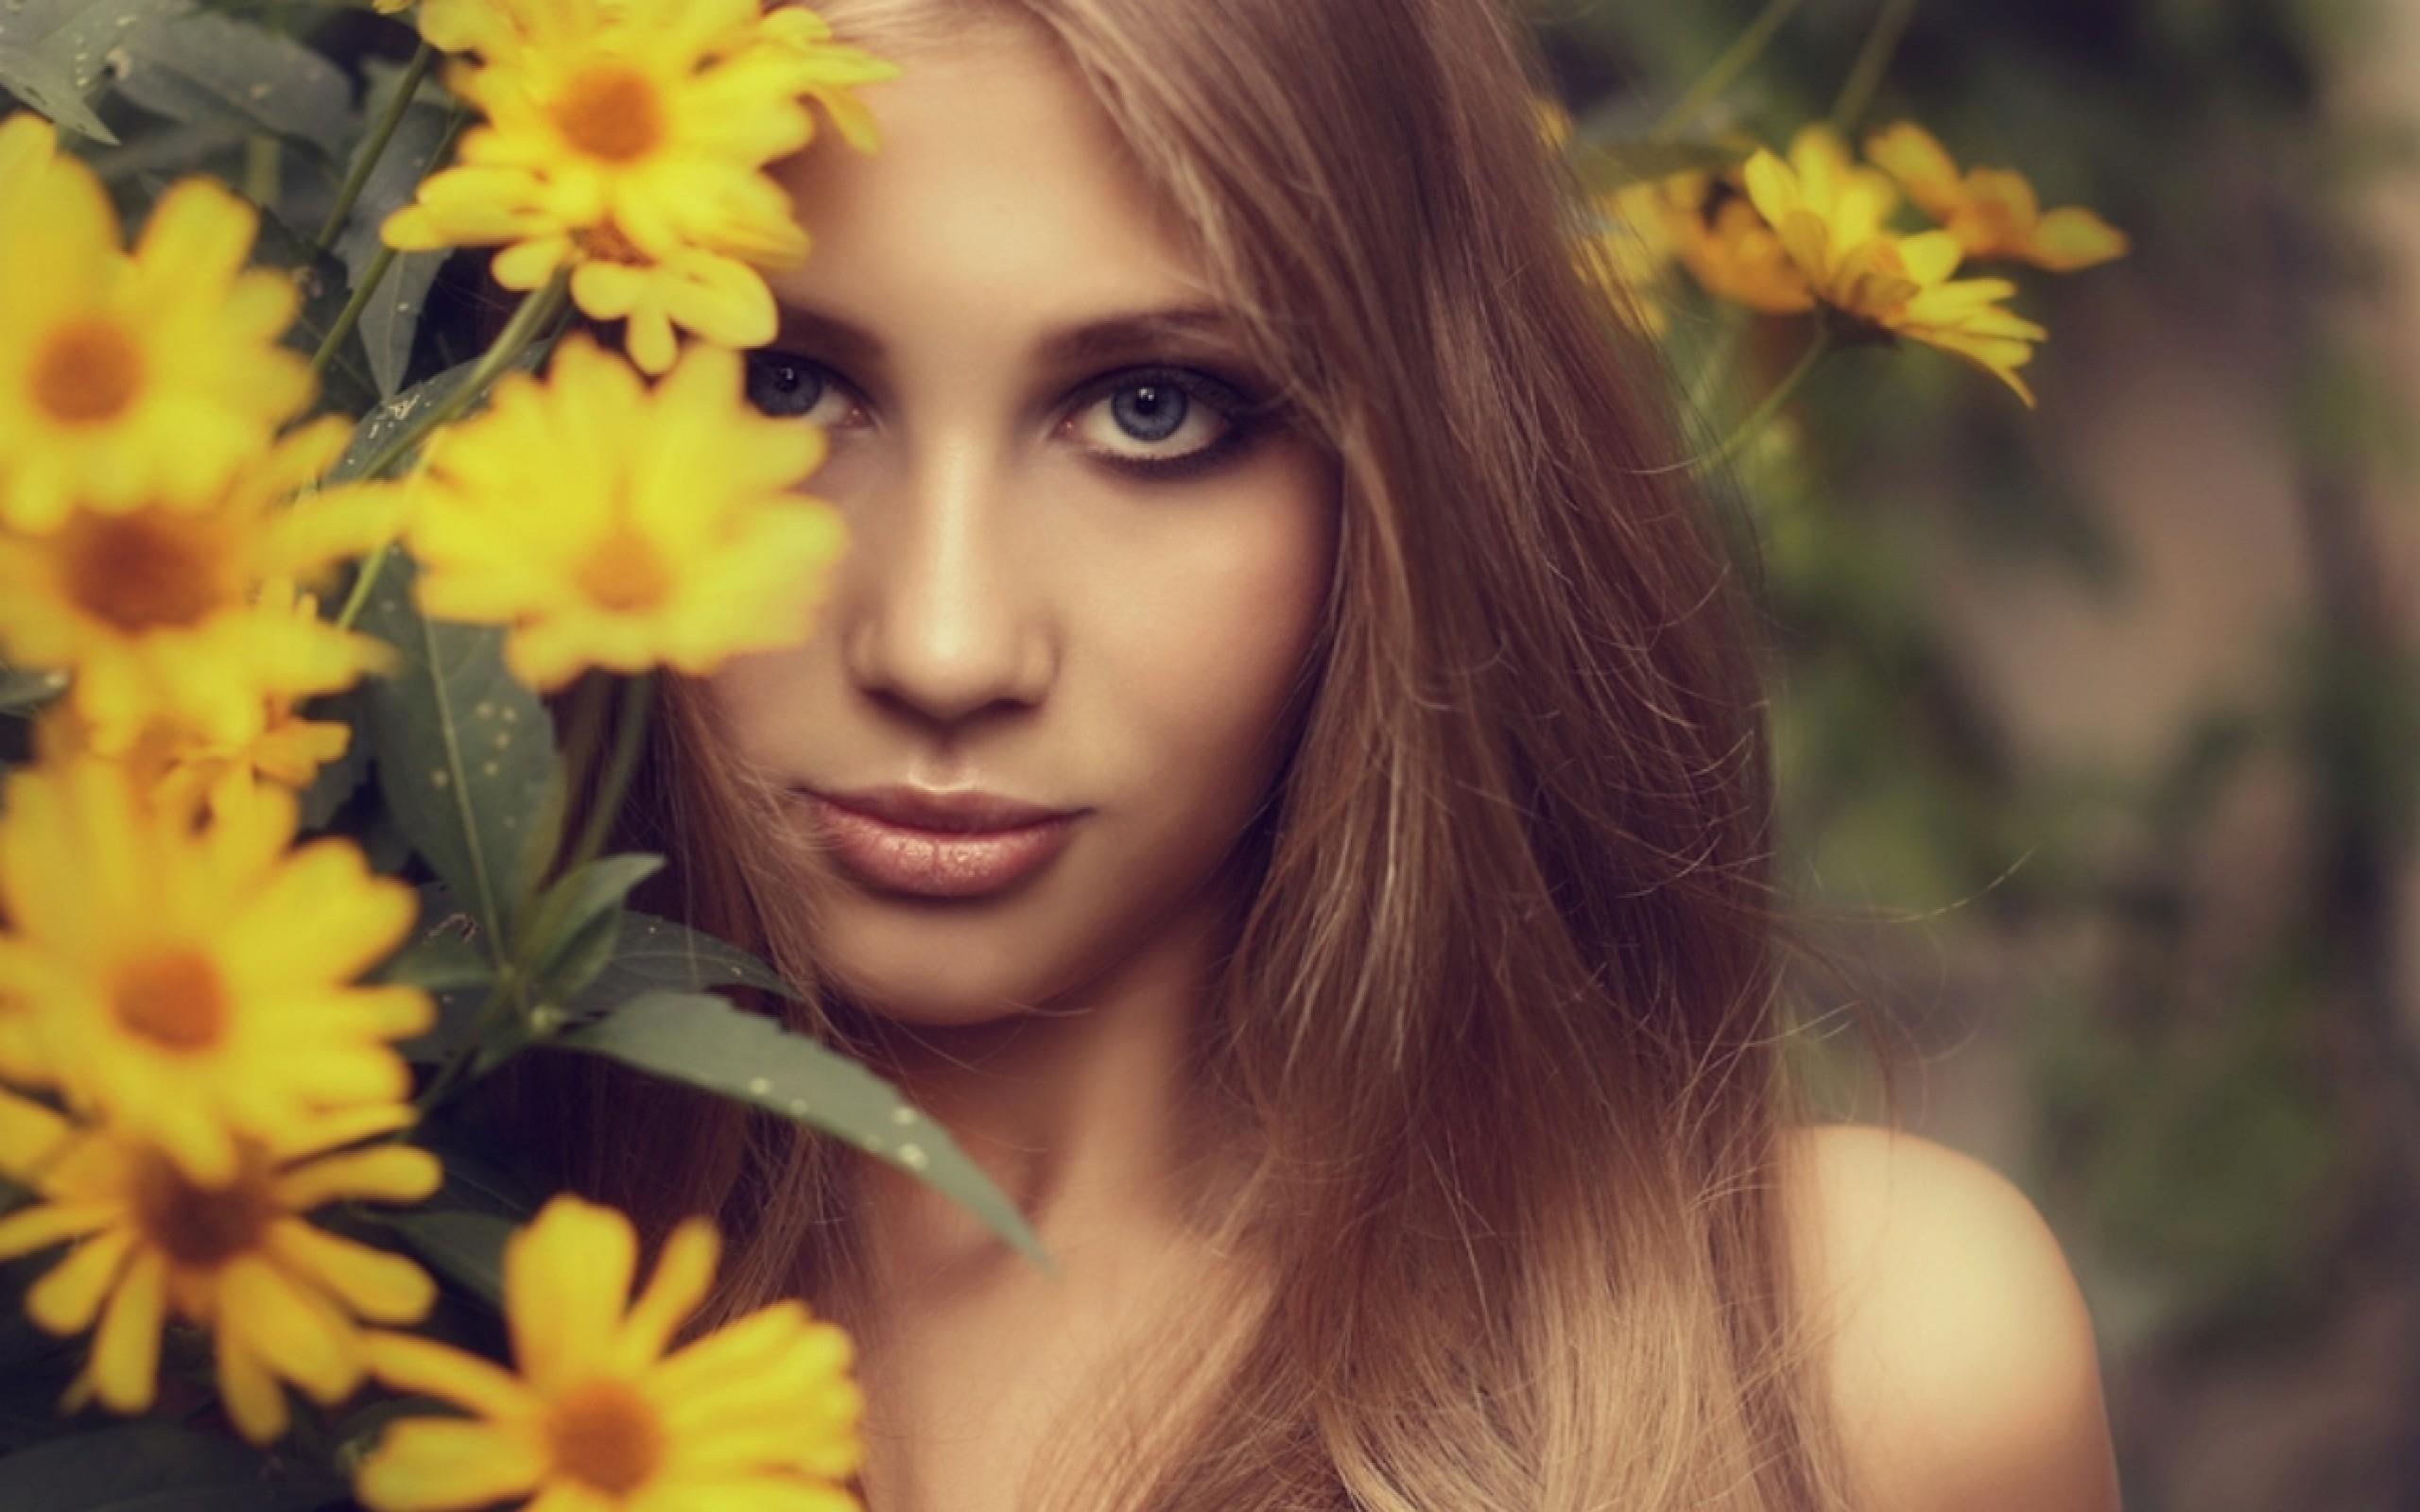 Девушка русая с цветами фото